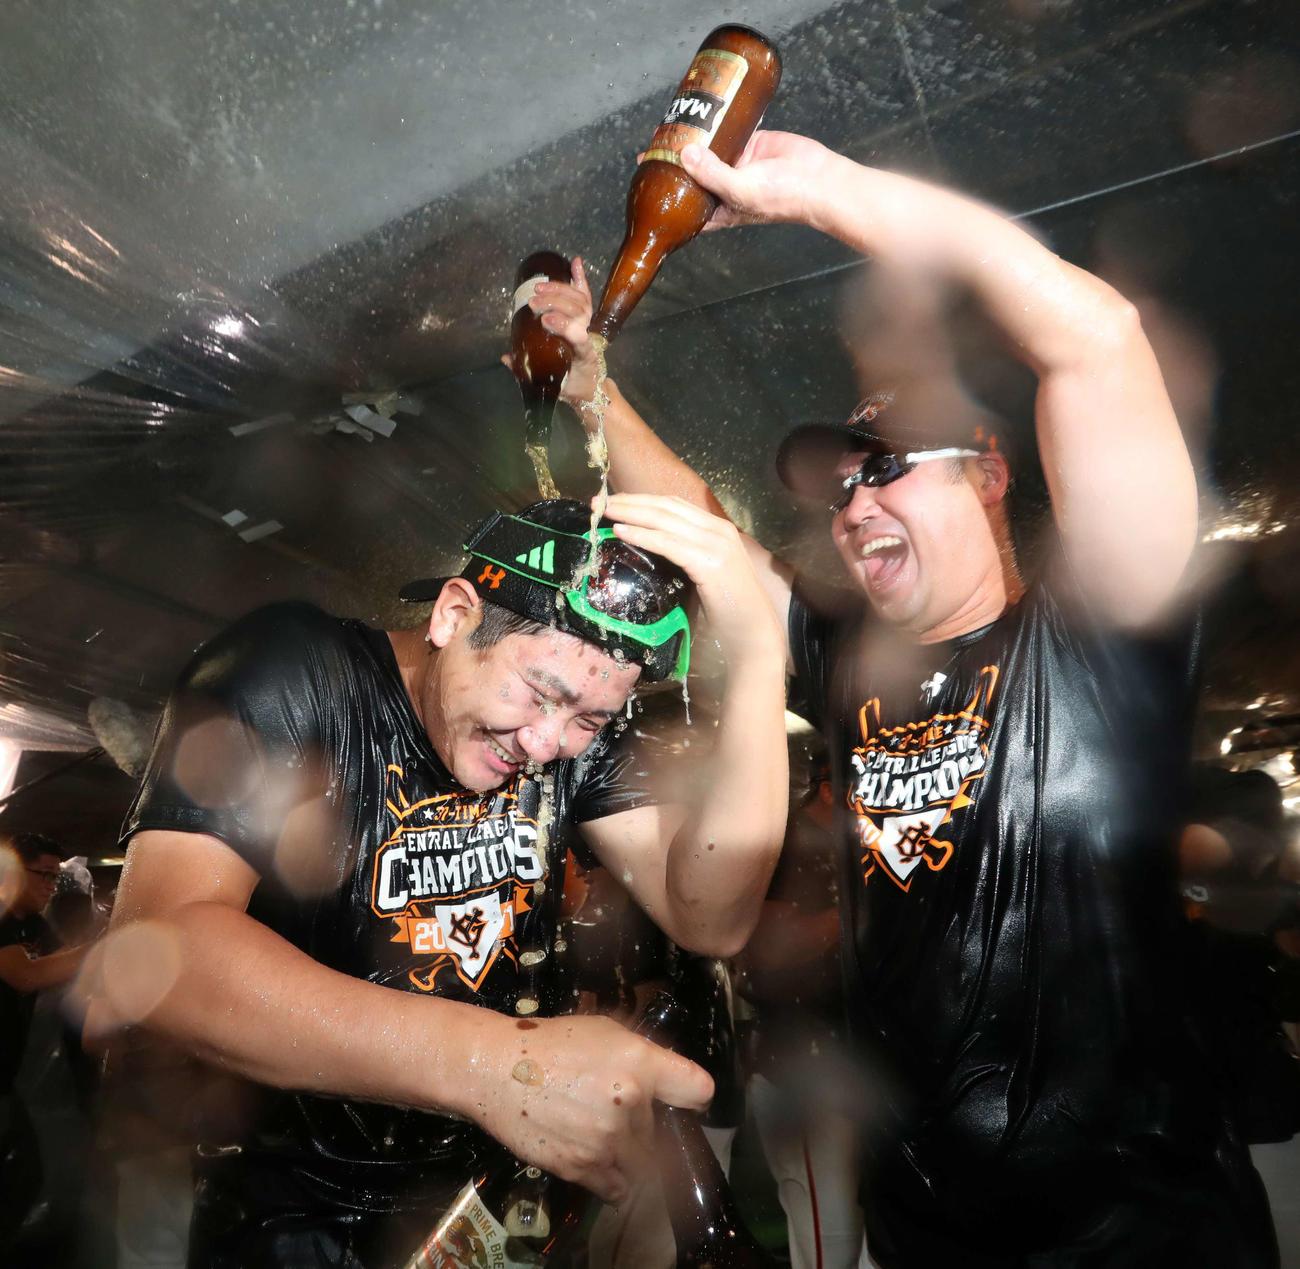 2019年9月21日、祝勝会でビールをかけられる菅野(左)(撮影・垰建太)